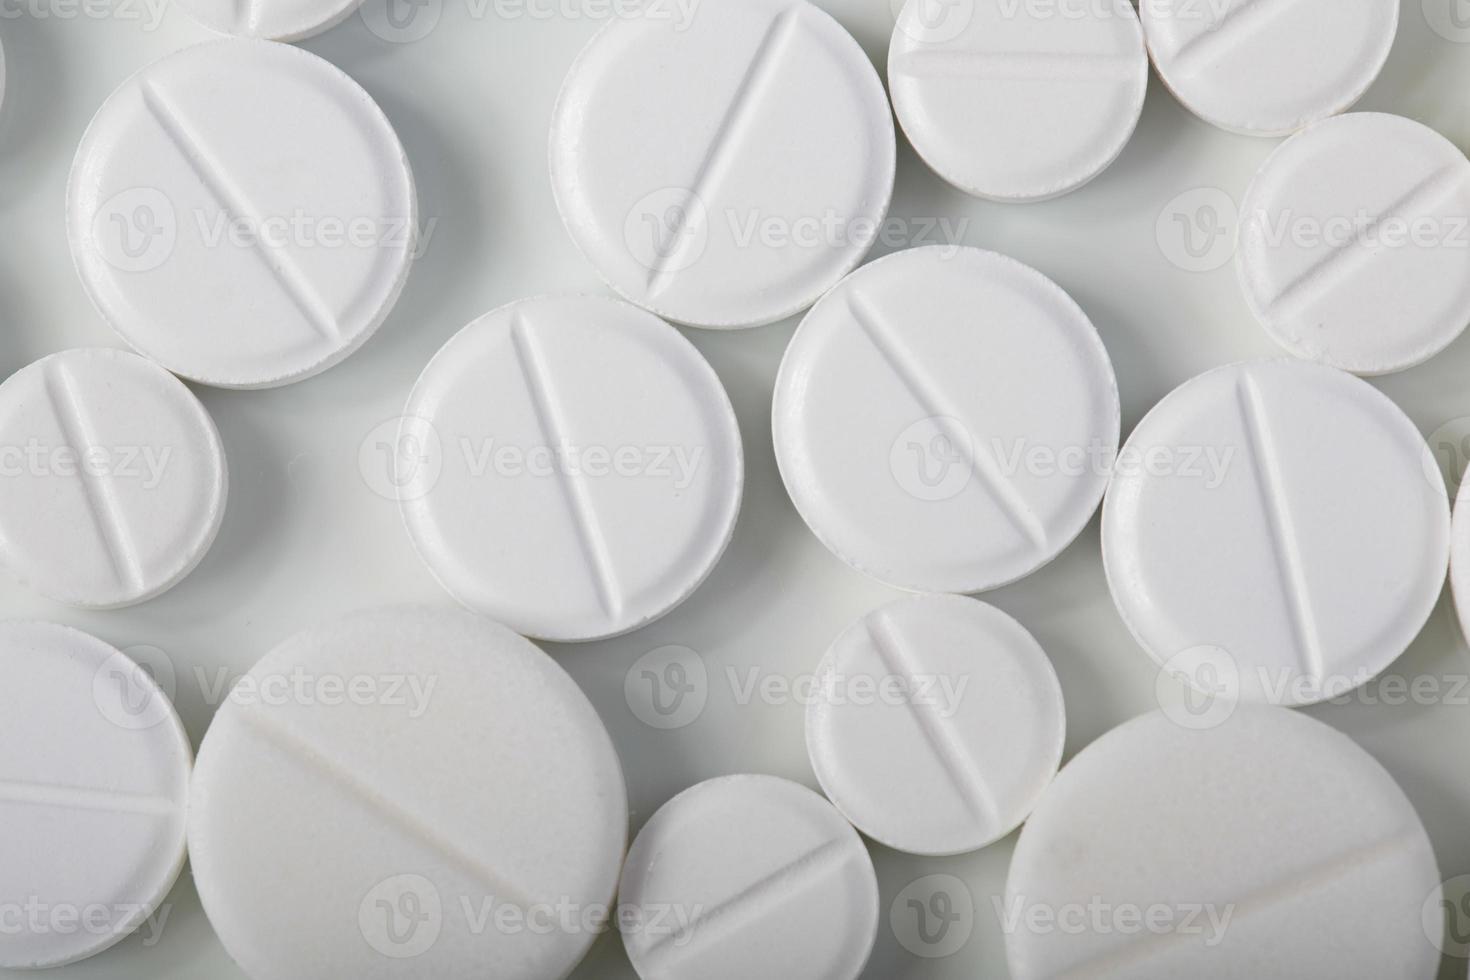 Medizinpillen foto